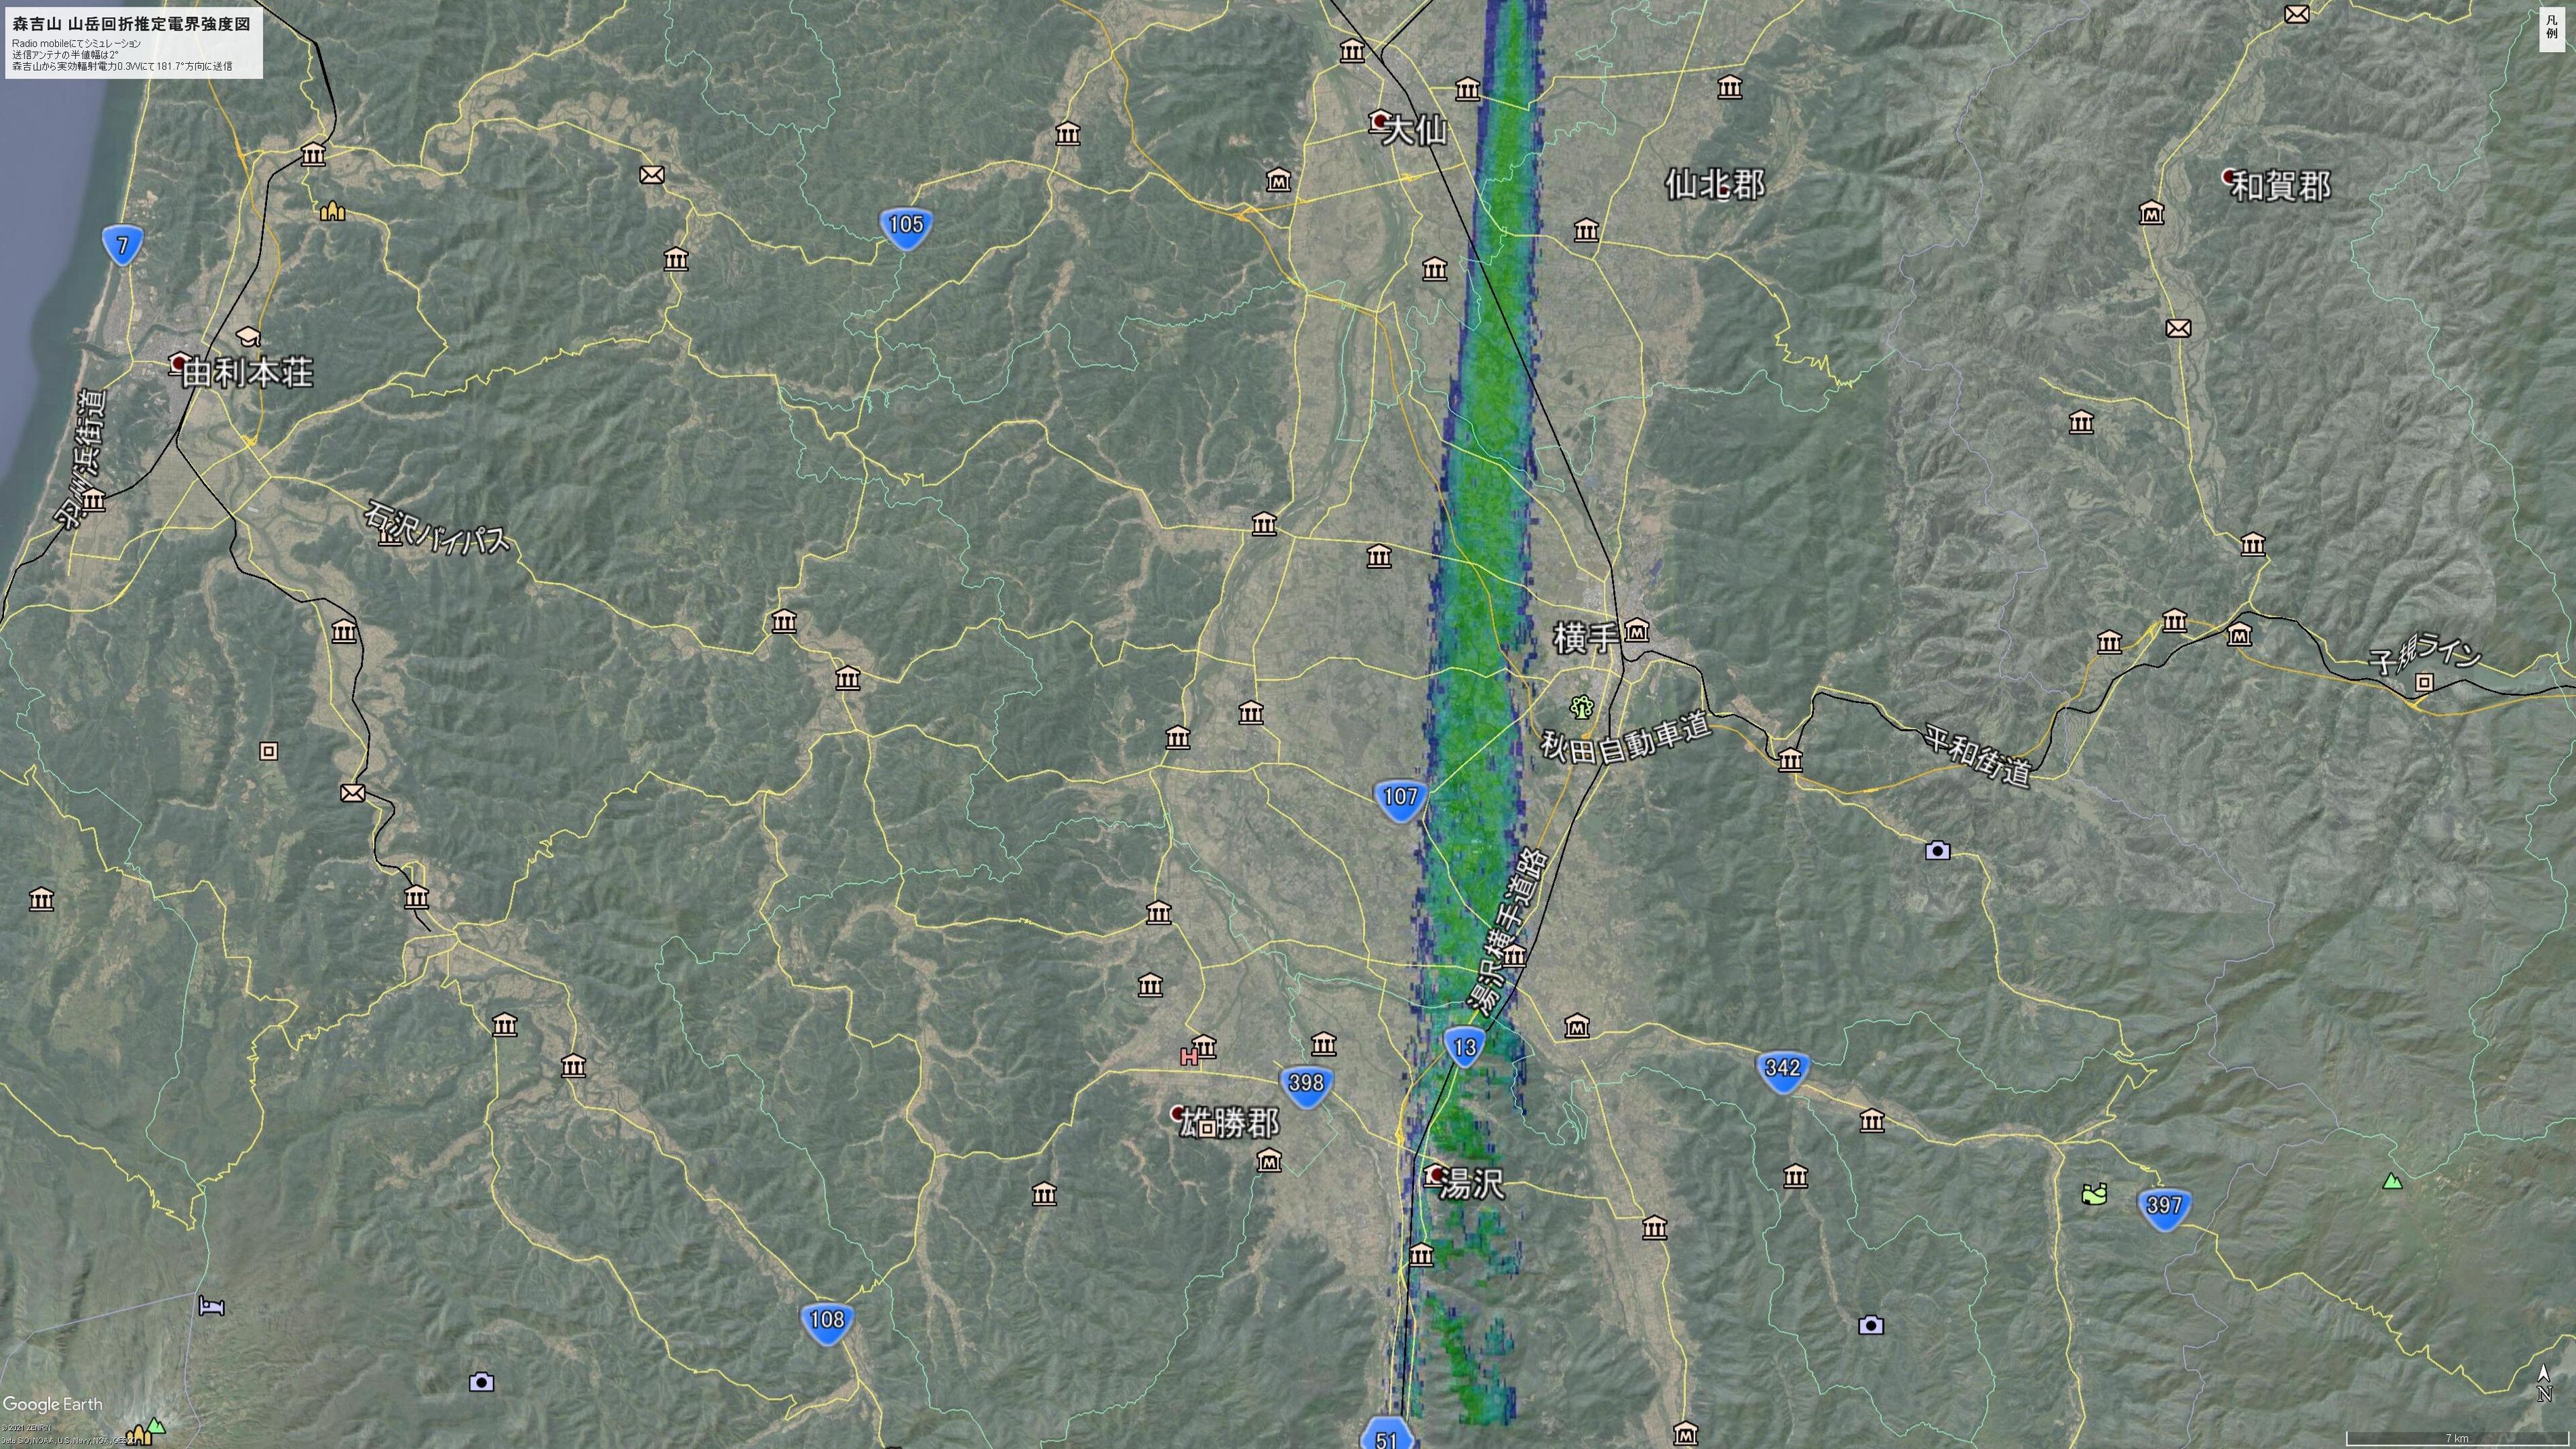 森吉山山岳回折推定電界強度